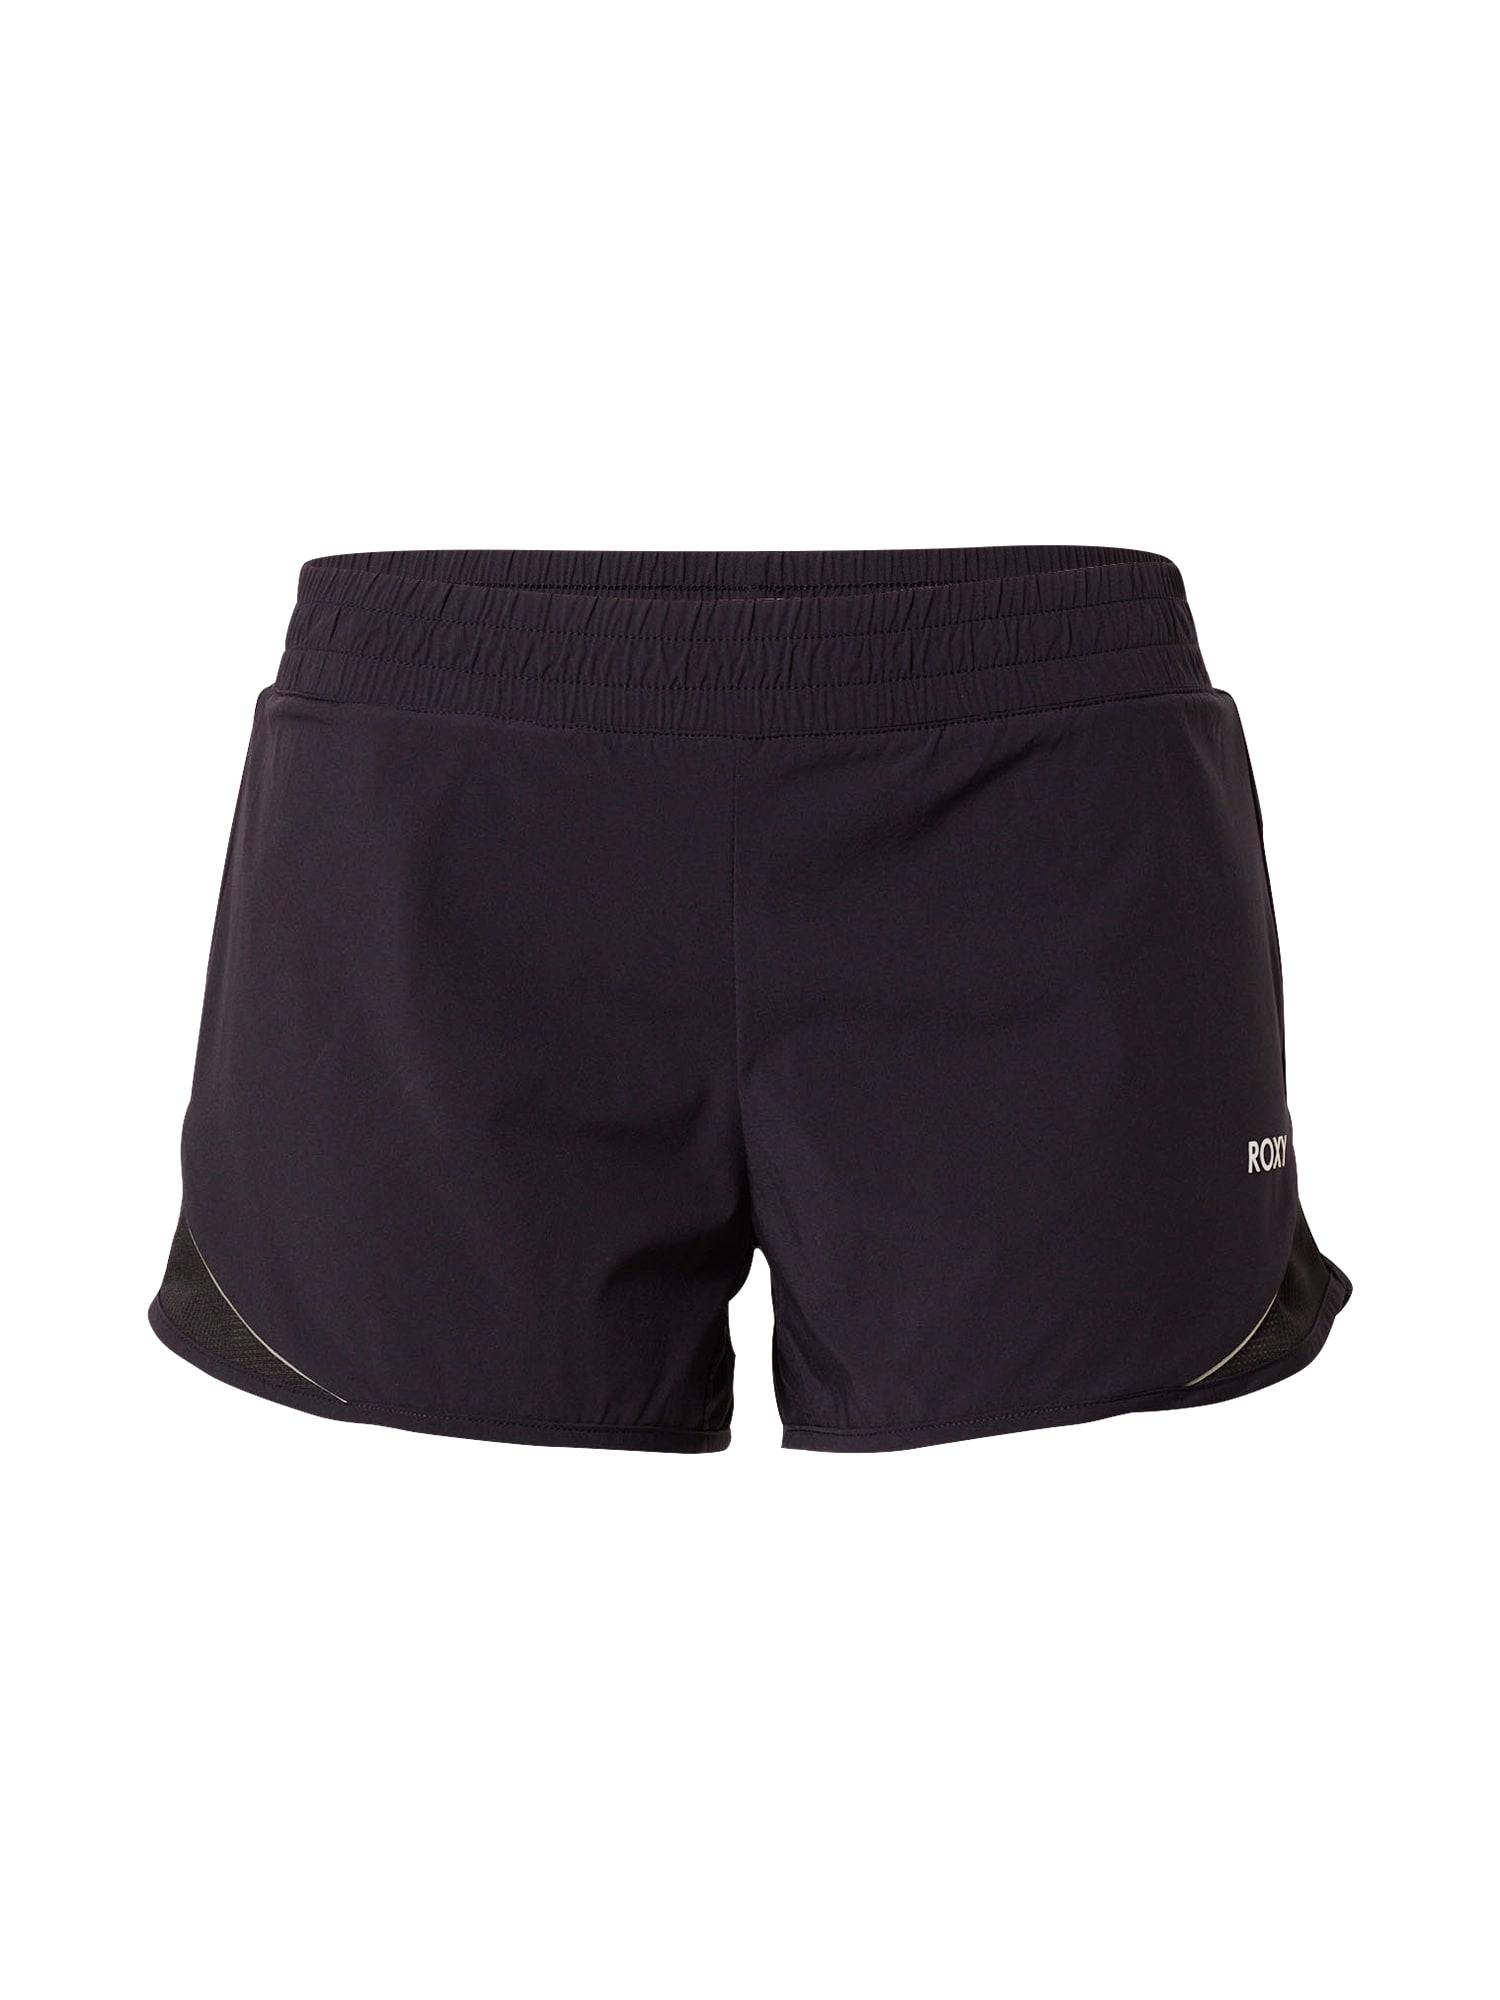 ROXY Sportinės kelnės